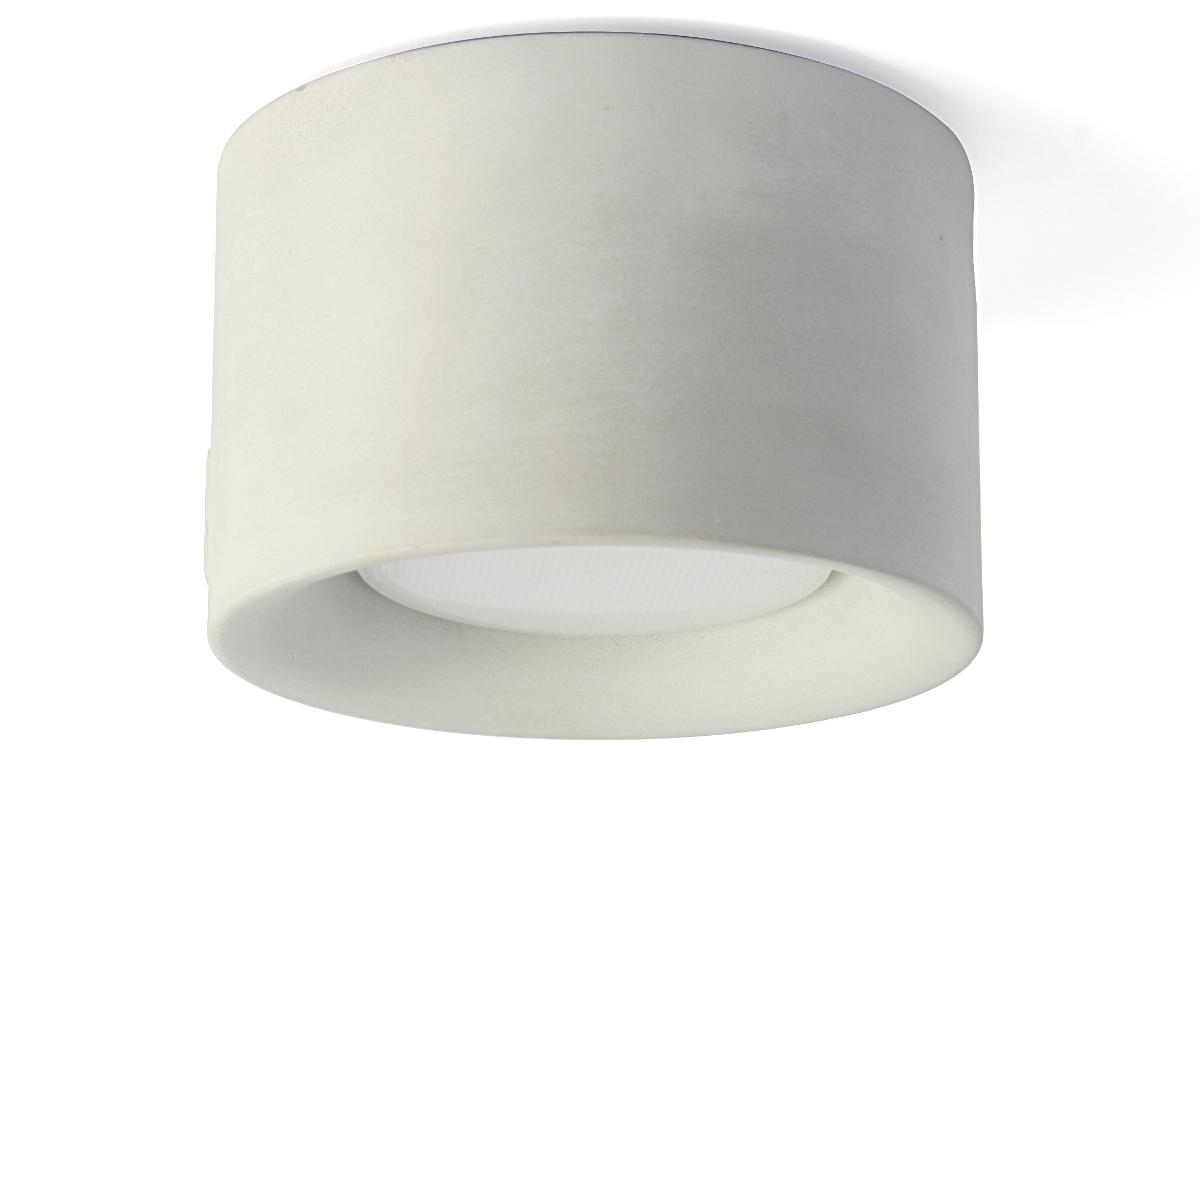 Hochwertig Modell 1: Kleiner Deckenspot In Beton Oberfläche Mit GX53 Leuchtmittel